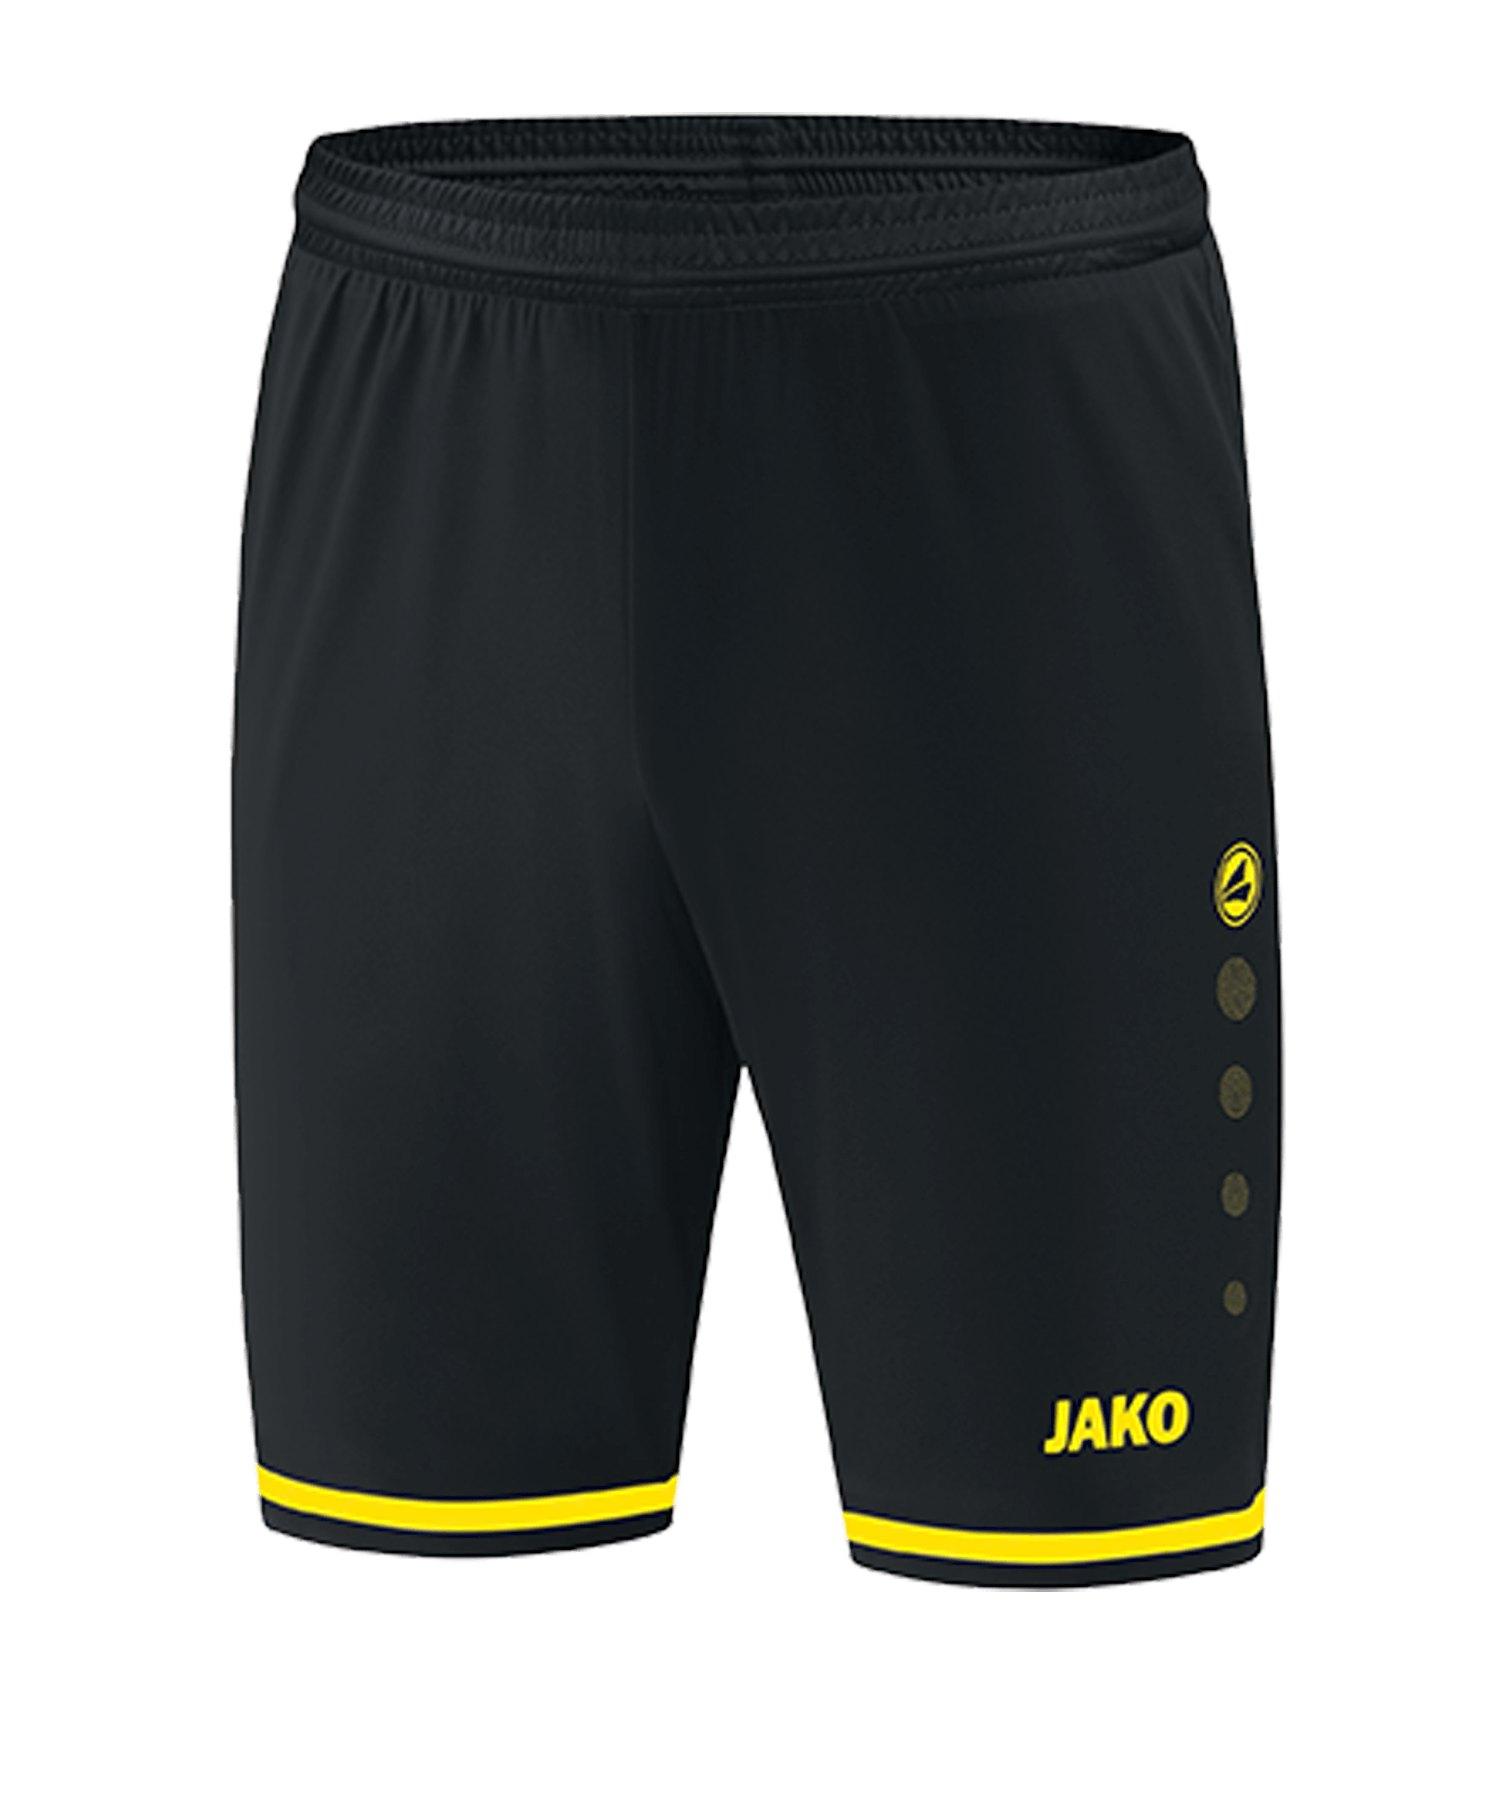 JAKO Striker 2.0 Short Kids Schwarz F83 - schwarz